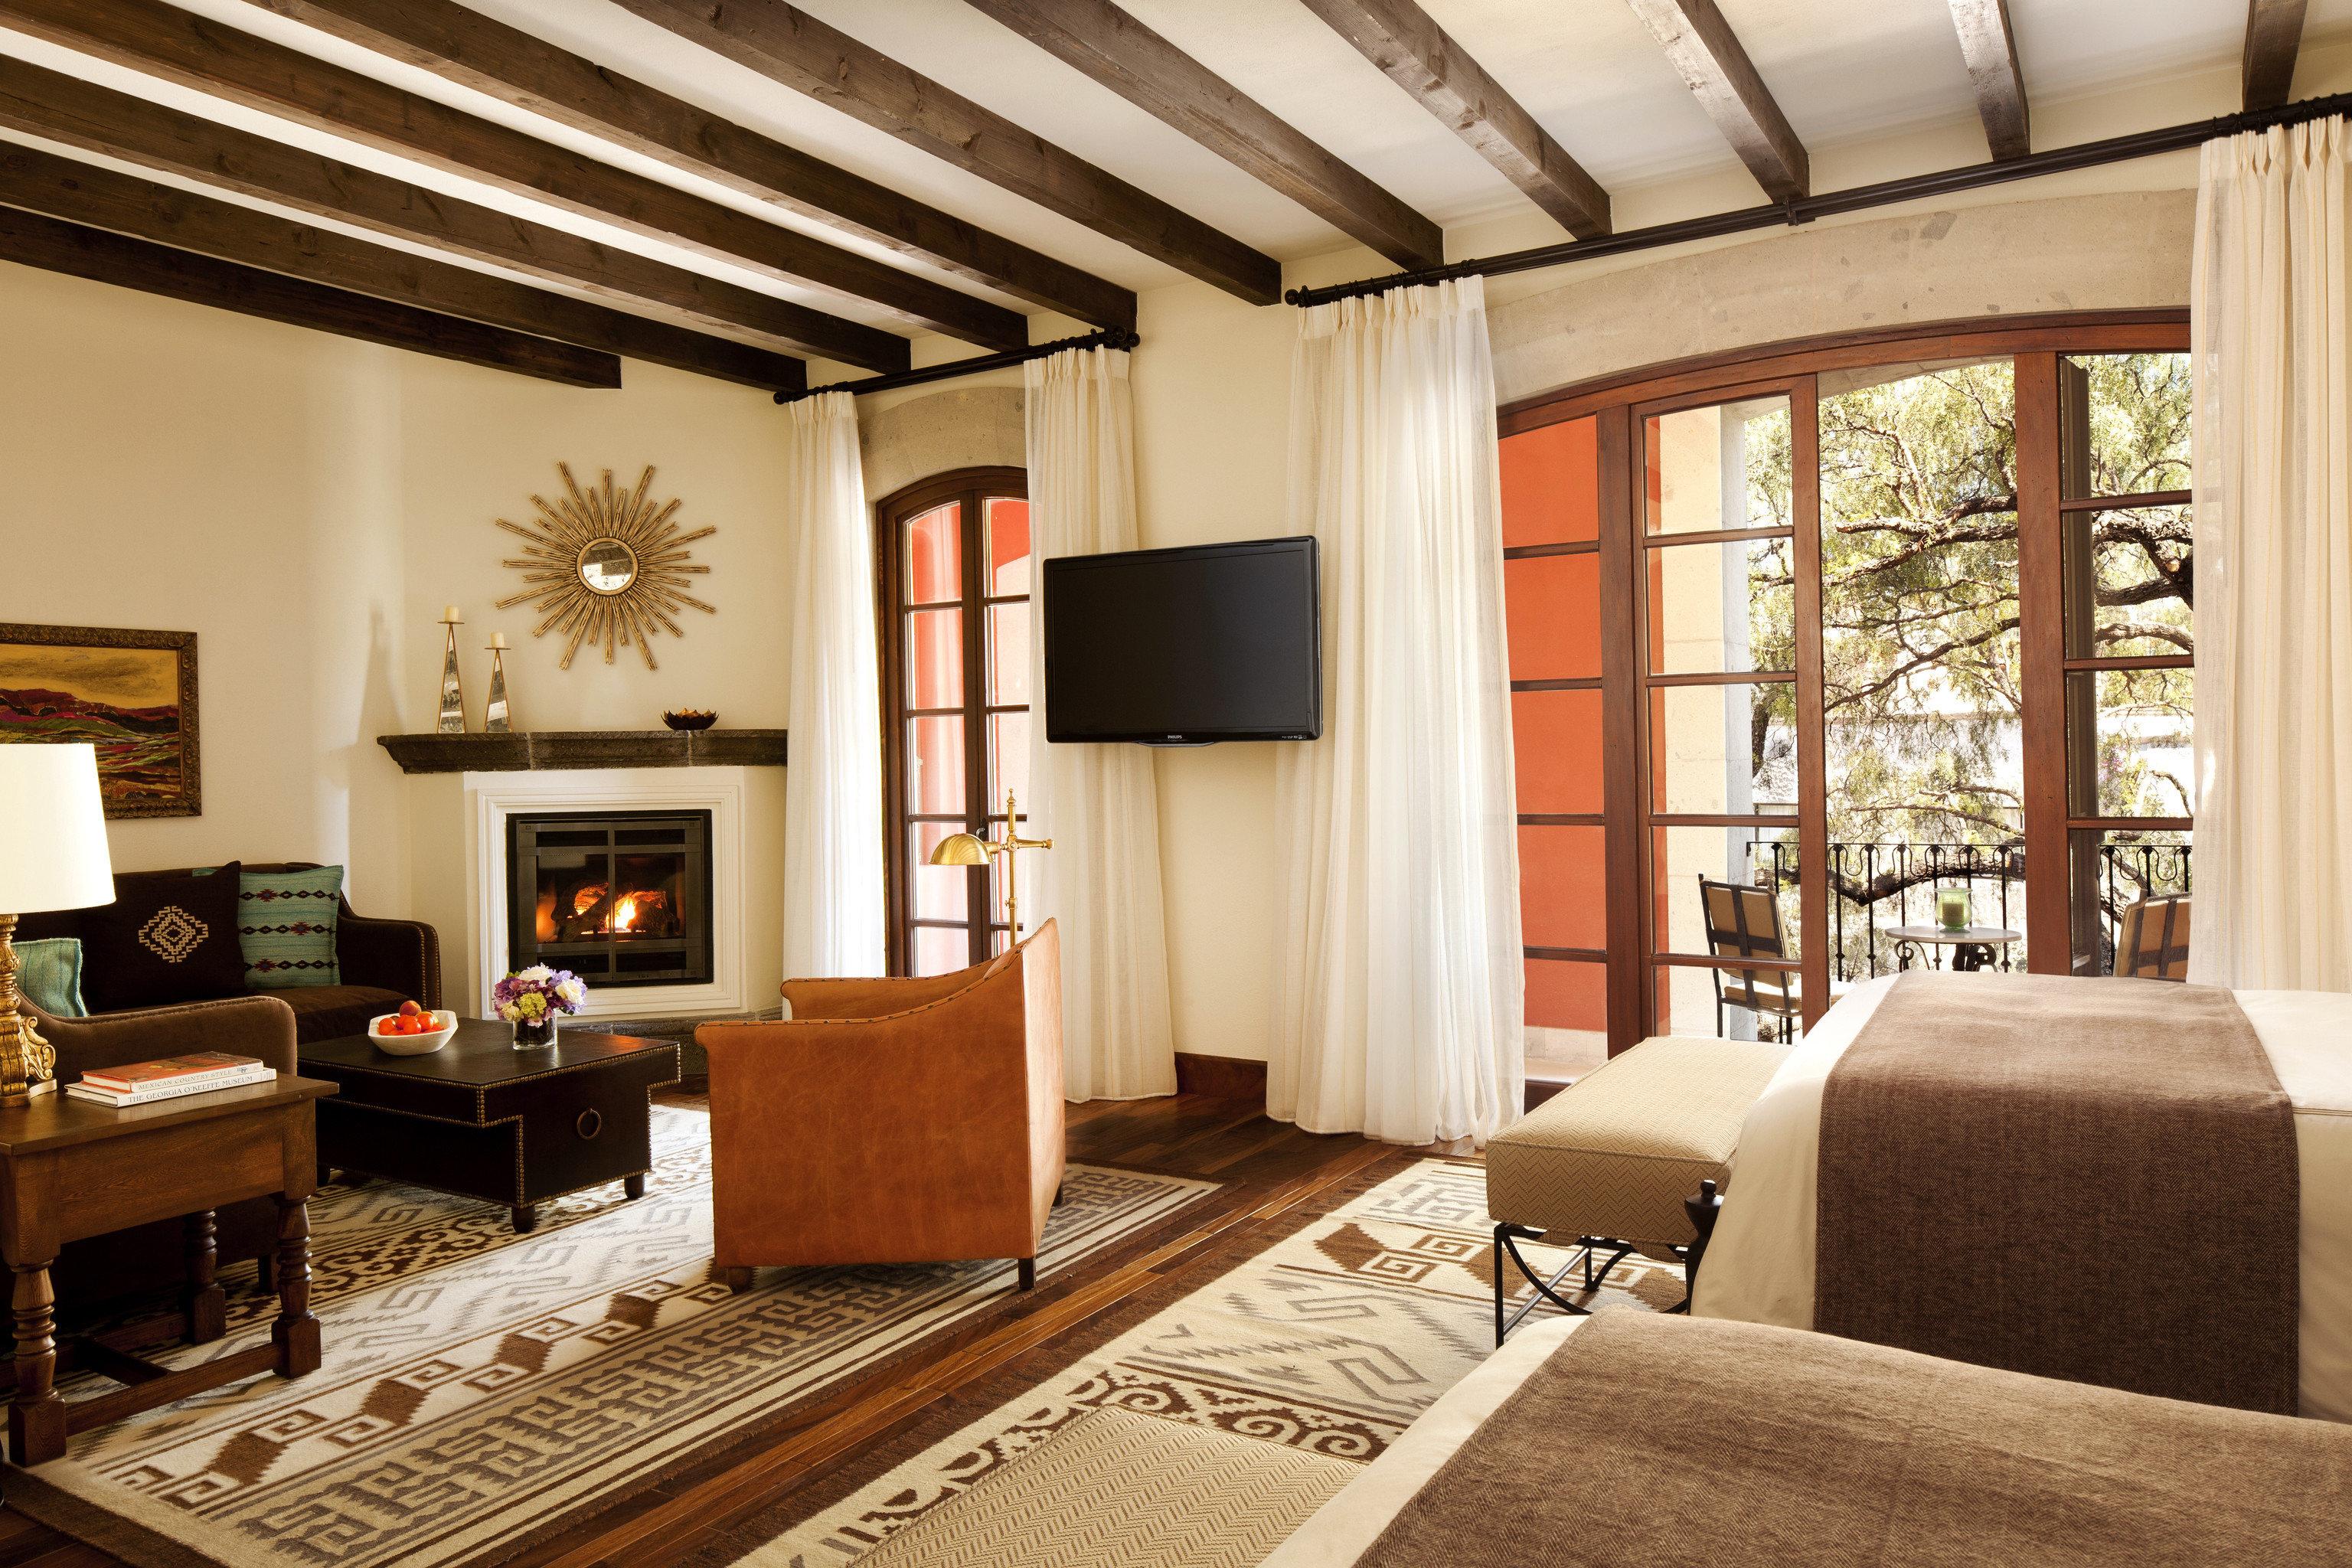 Rosewood San Miguel De Allende (San Miguel de Allende